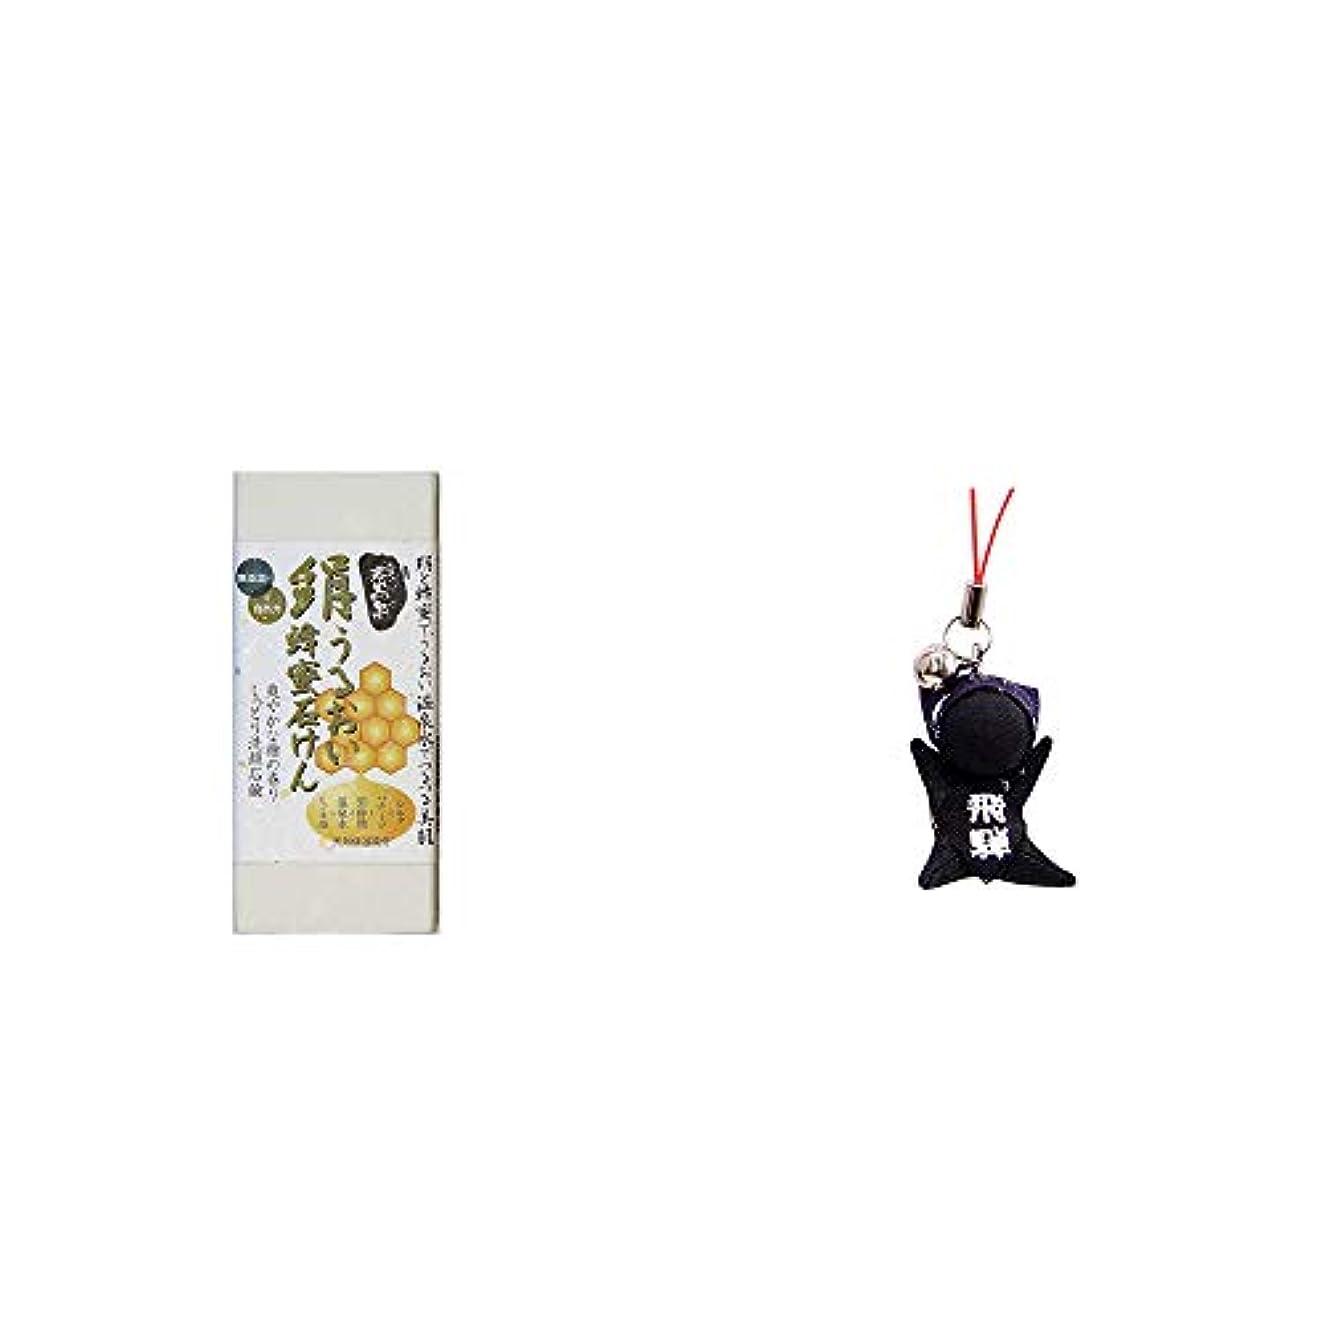 [2点セット] ひのき炭黒泉 絹うるおい蜂蜜石けん(75g×2)?さるぼぼ幸福ストラップ 【黒】 / 風水カラー全9種類 厄除け?魔除け?身を守る?勝運 お守り//